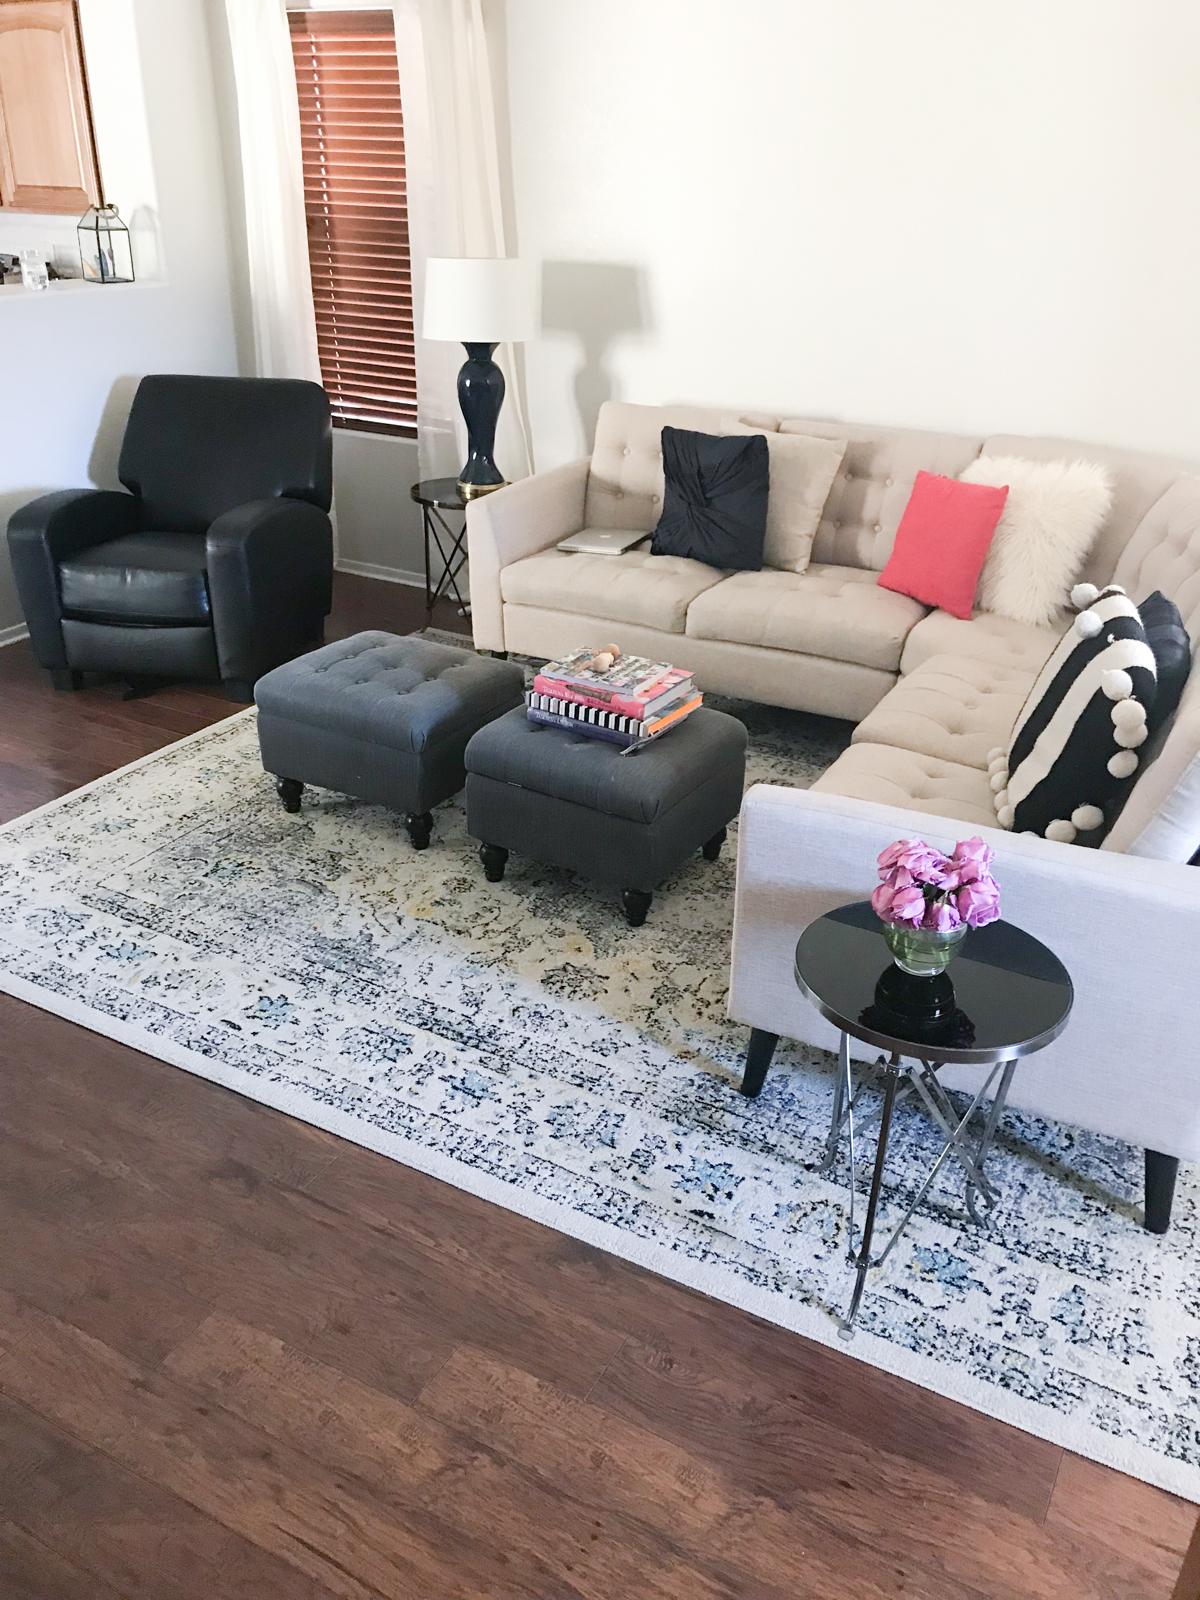 Living Room Decor | Living Room Design | Living Room Layout